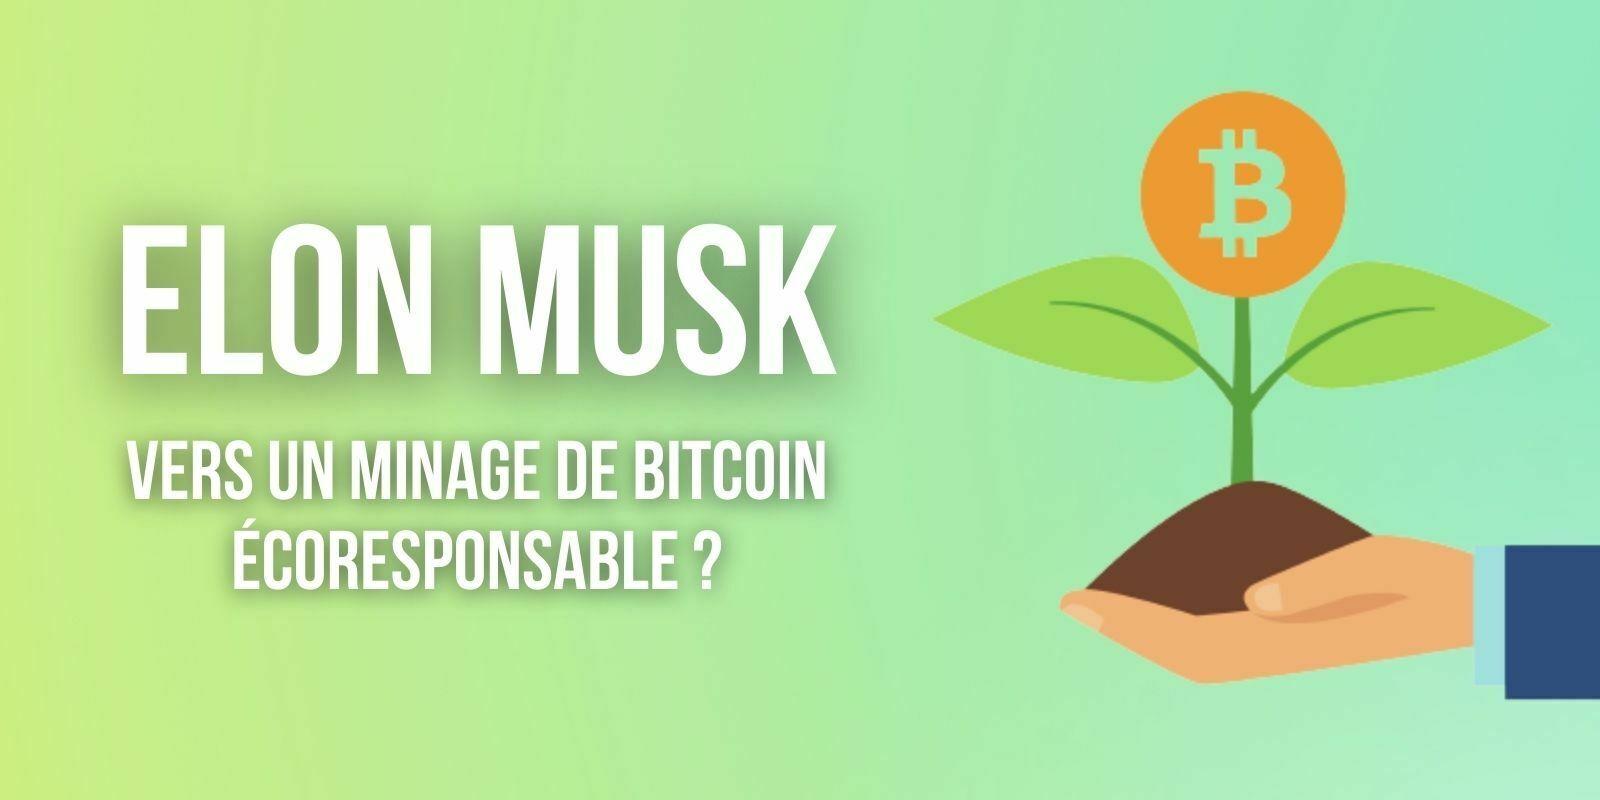 Elon Musk s'active pour rendre le minage de Bitcoin (BTC) plus écologique